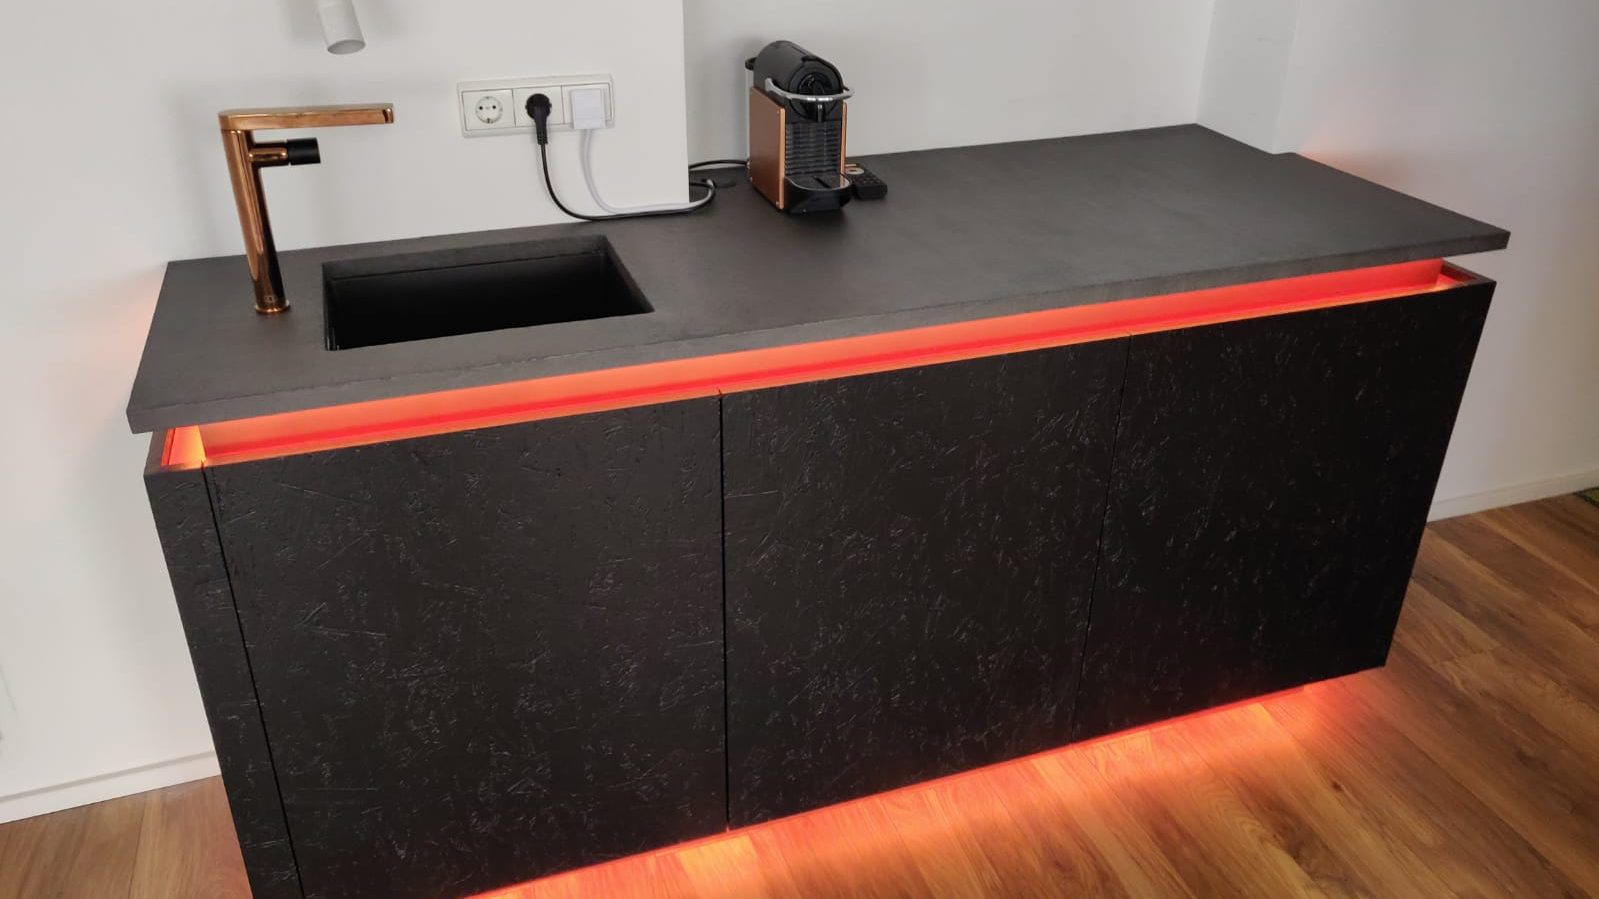 Full Size of Küche Diy Kreativ Beton Unique Wien Osb Kche Black Besserbauen Nolte Einbauküche Gebraucht Griffe Wasserhahn Wanduhr Einzelschränke Waschbecken Wohnzimmer Küche Diy